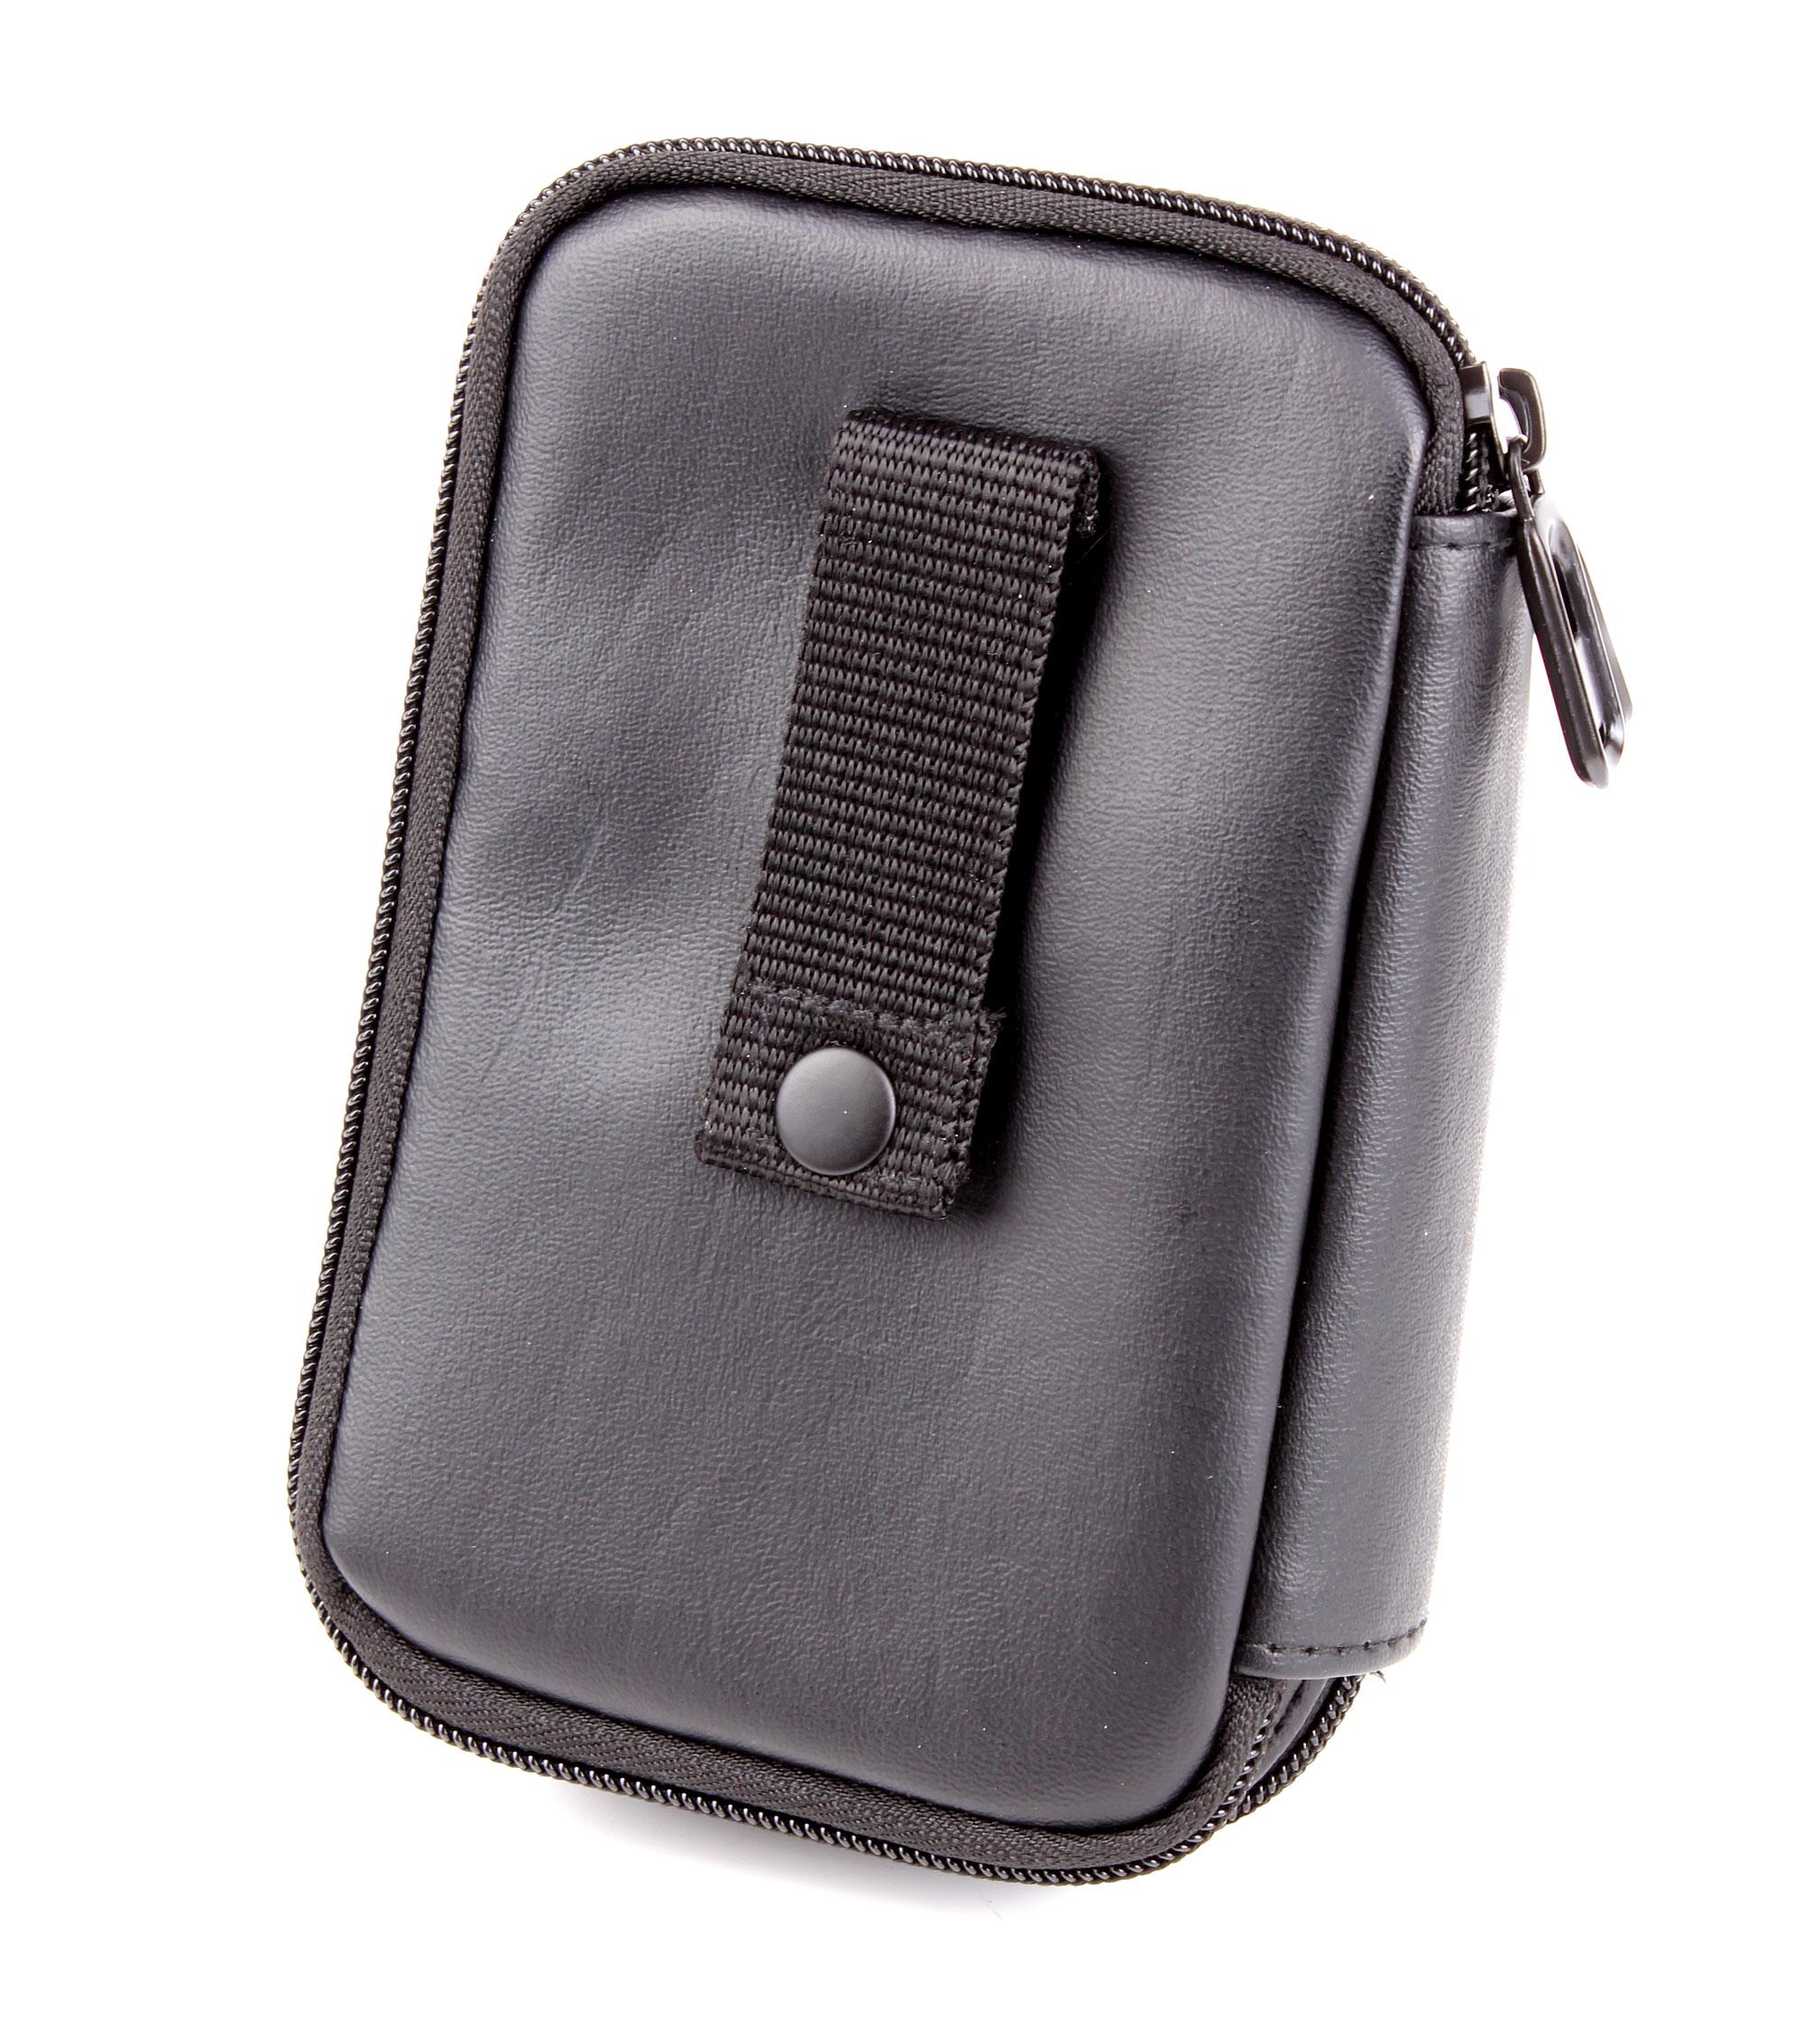 Housse tui aspect cuir pour disque dur externe lacie for Housse pour disque dur externe